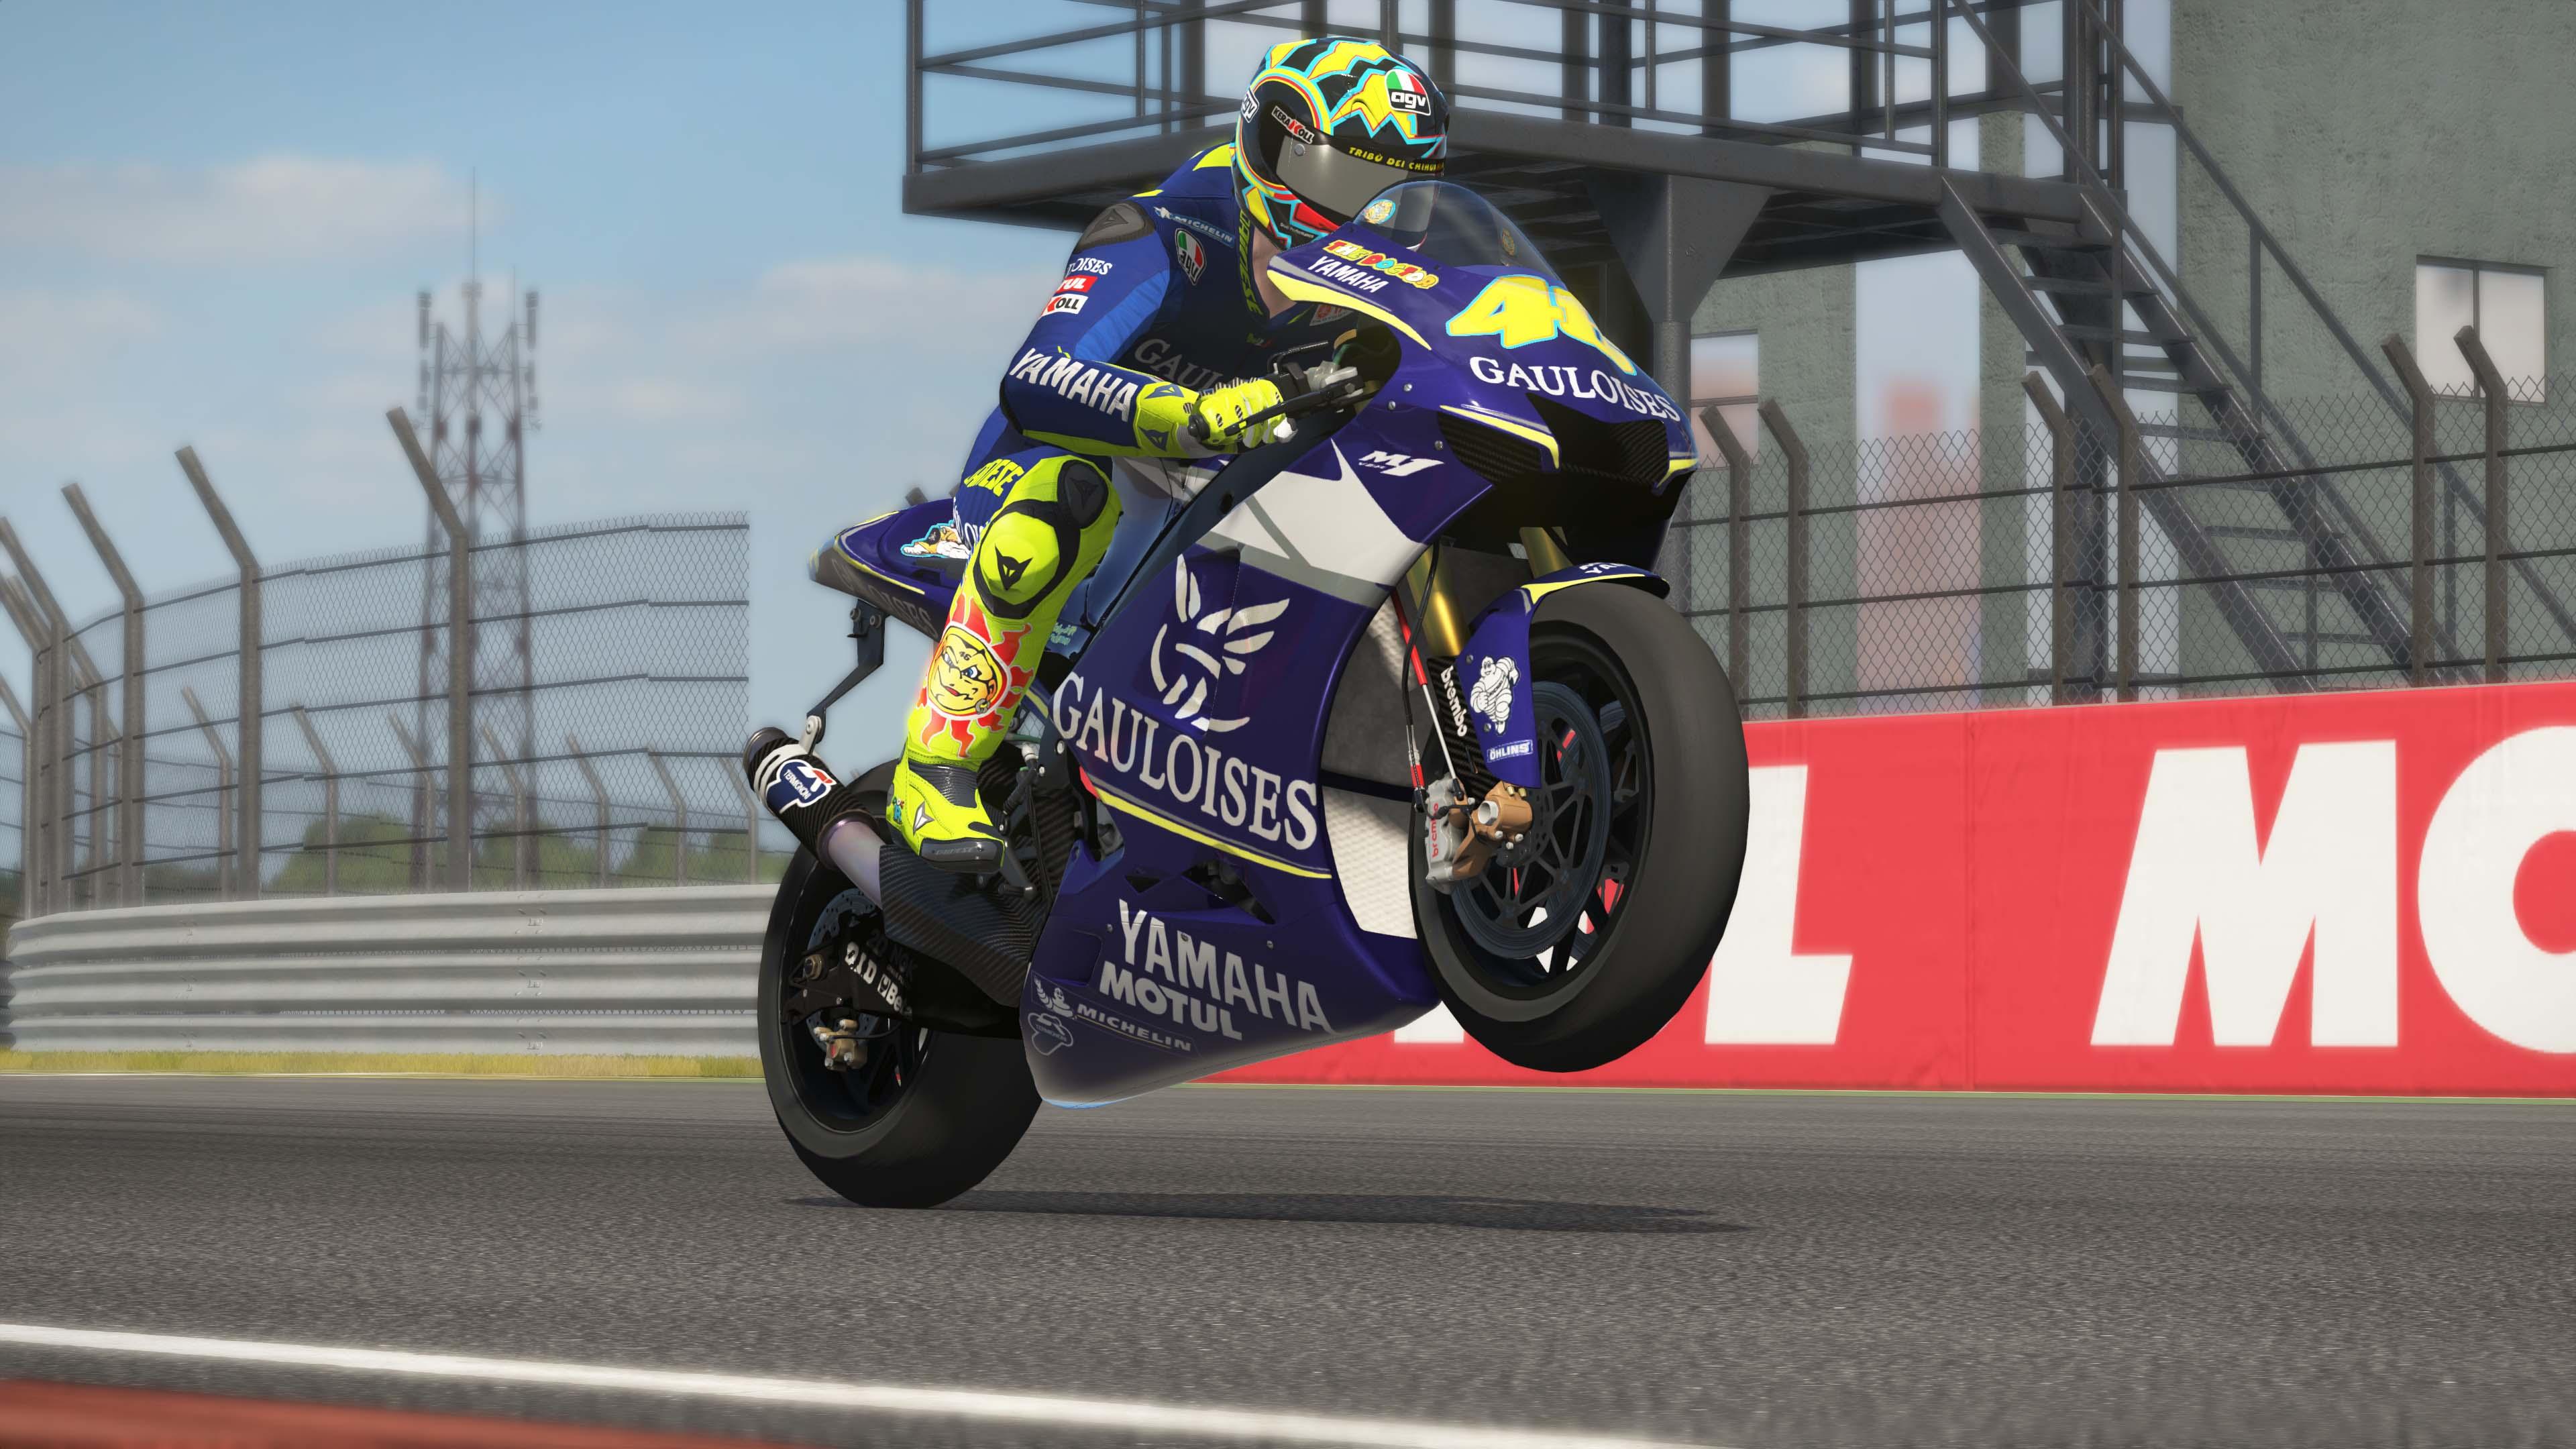 MotoGPVR46X64 2016-07-08 22-49-15-23.jpg